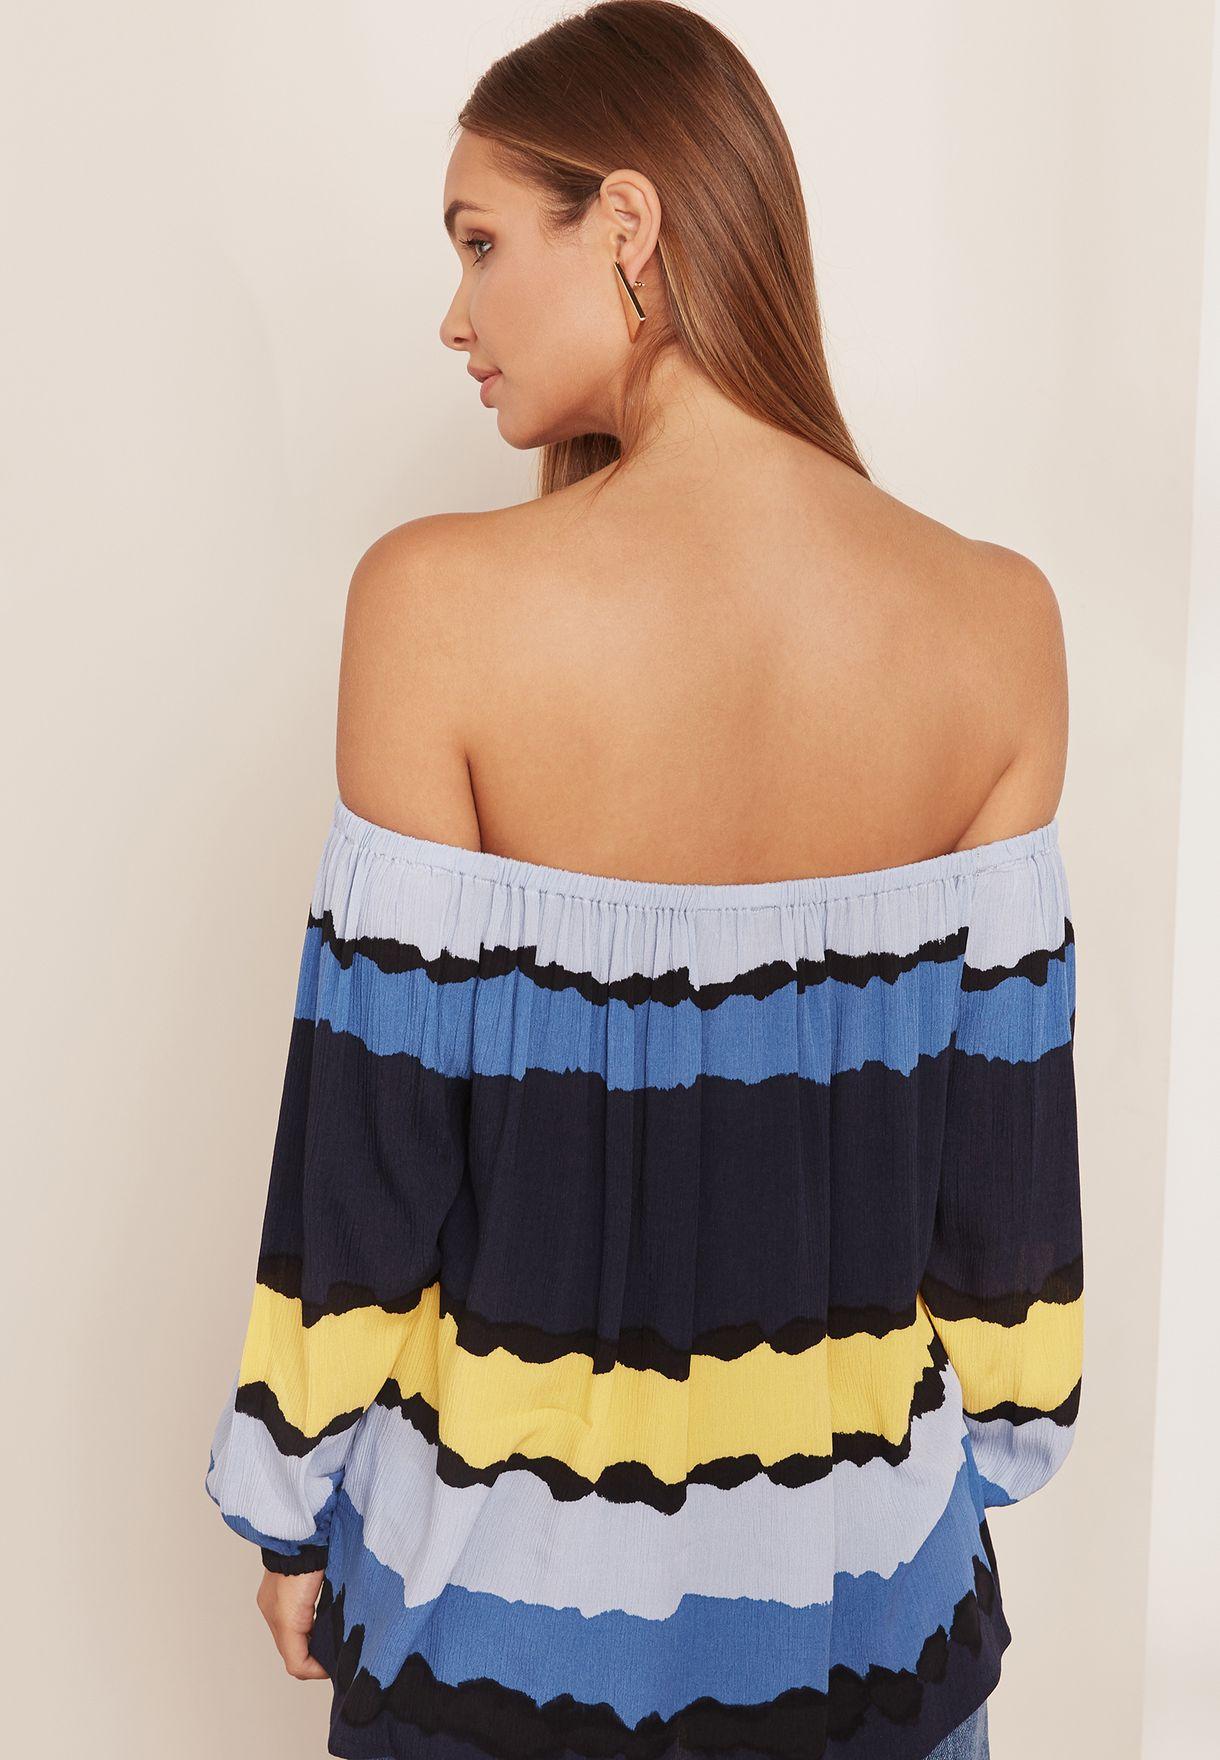 e77bb6a35 Shop Tommy Hilfiger prints Striped Bardot Top WW0WW22177 for Women ...